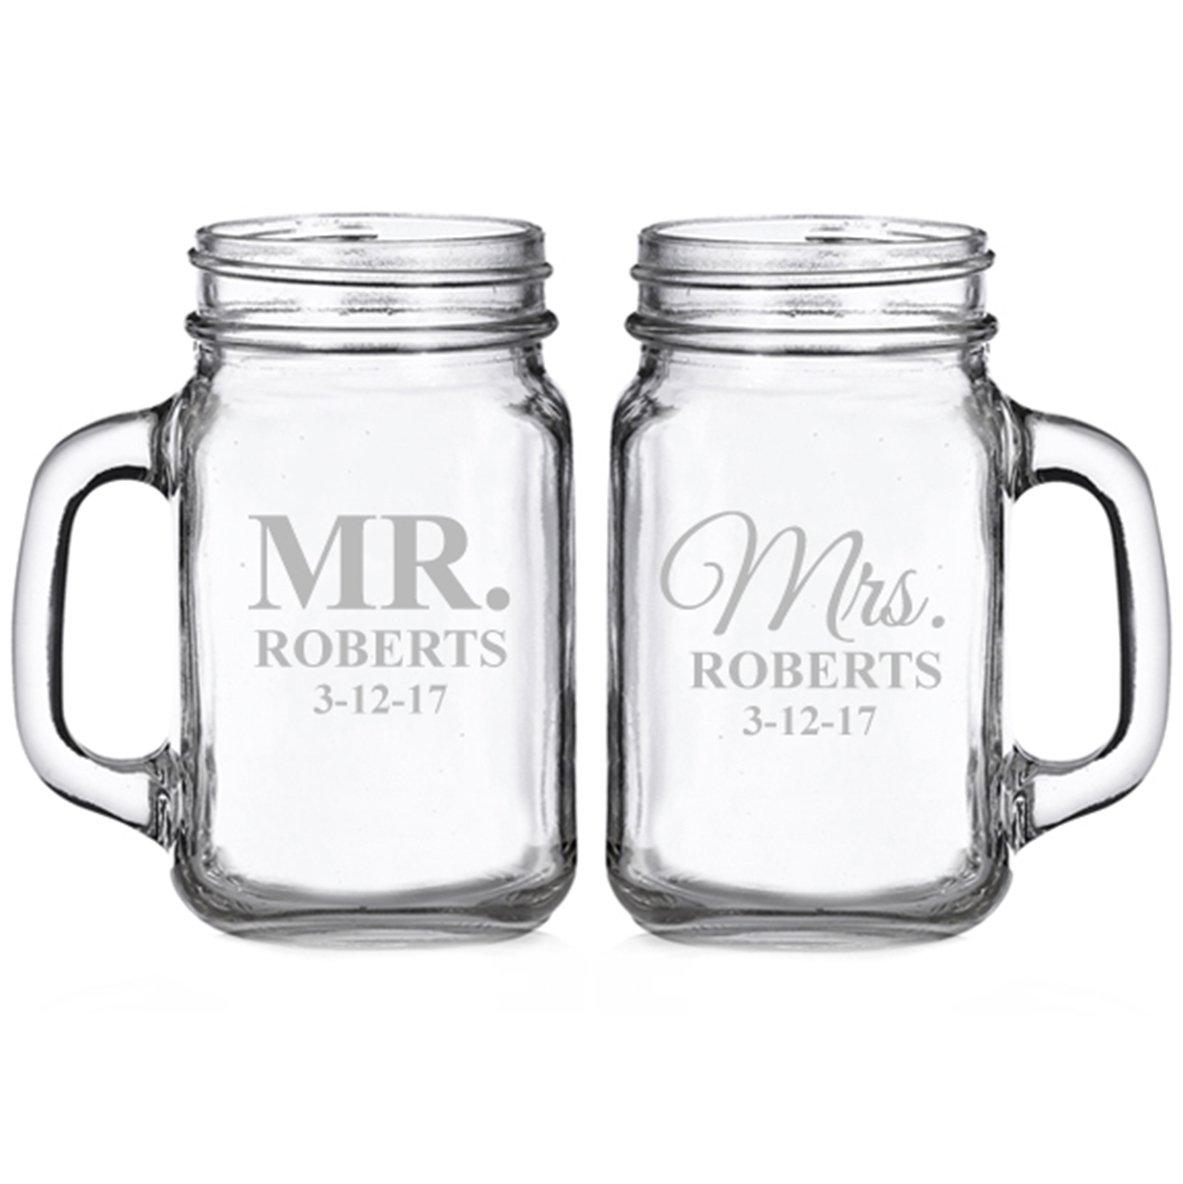 Mr. and Mrs. Classic Personalized Glass Mason Mugs (set of 2)